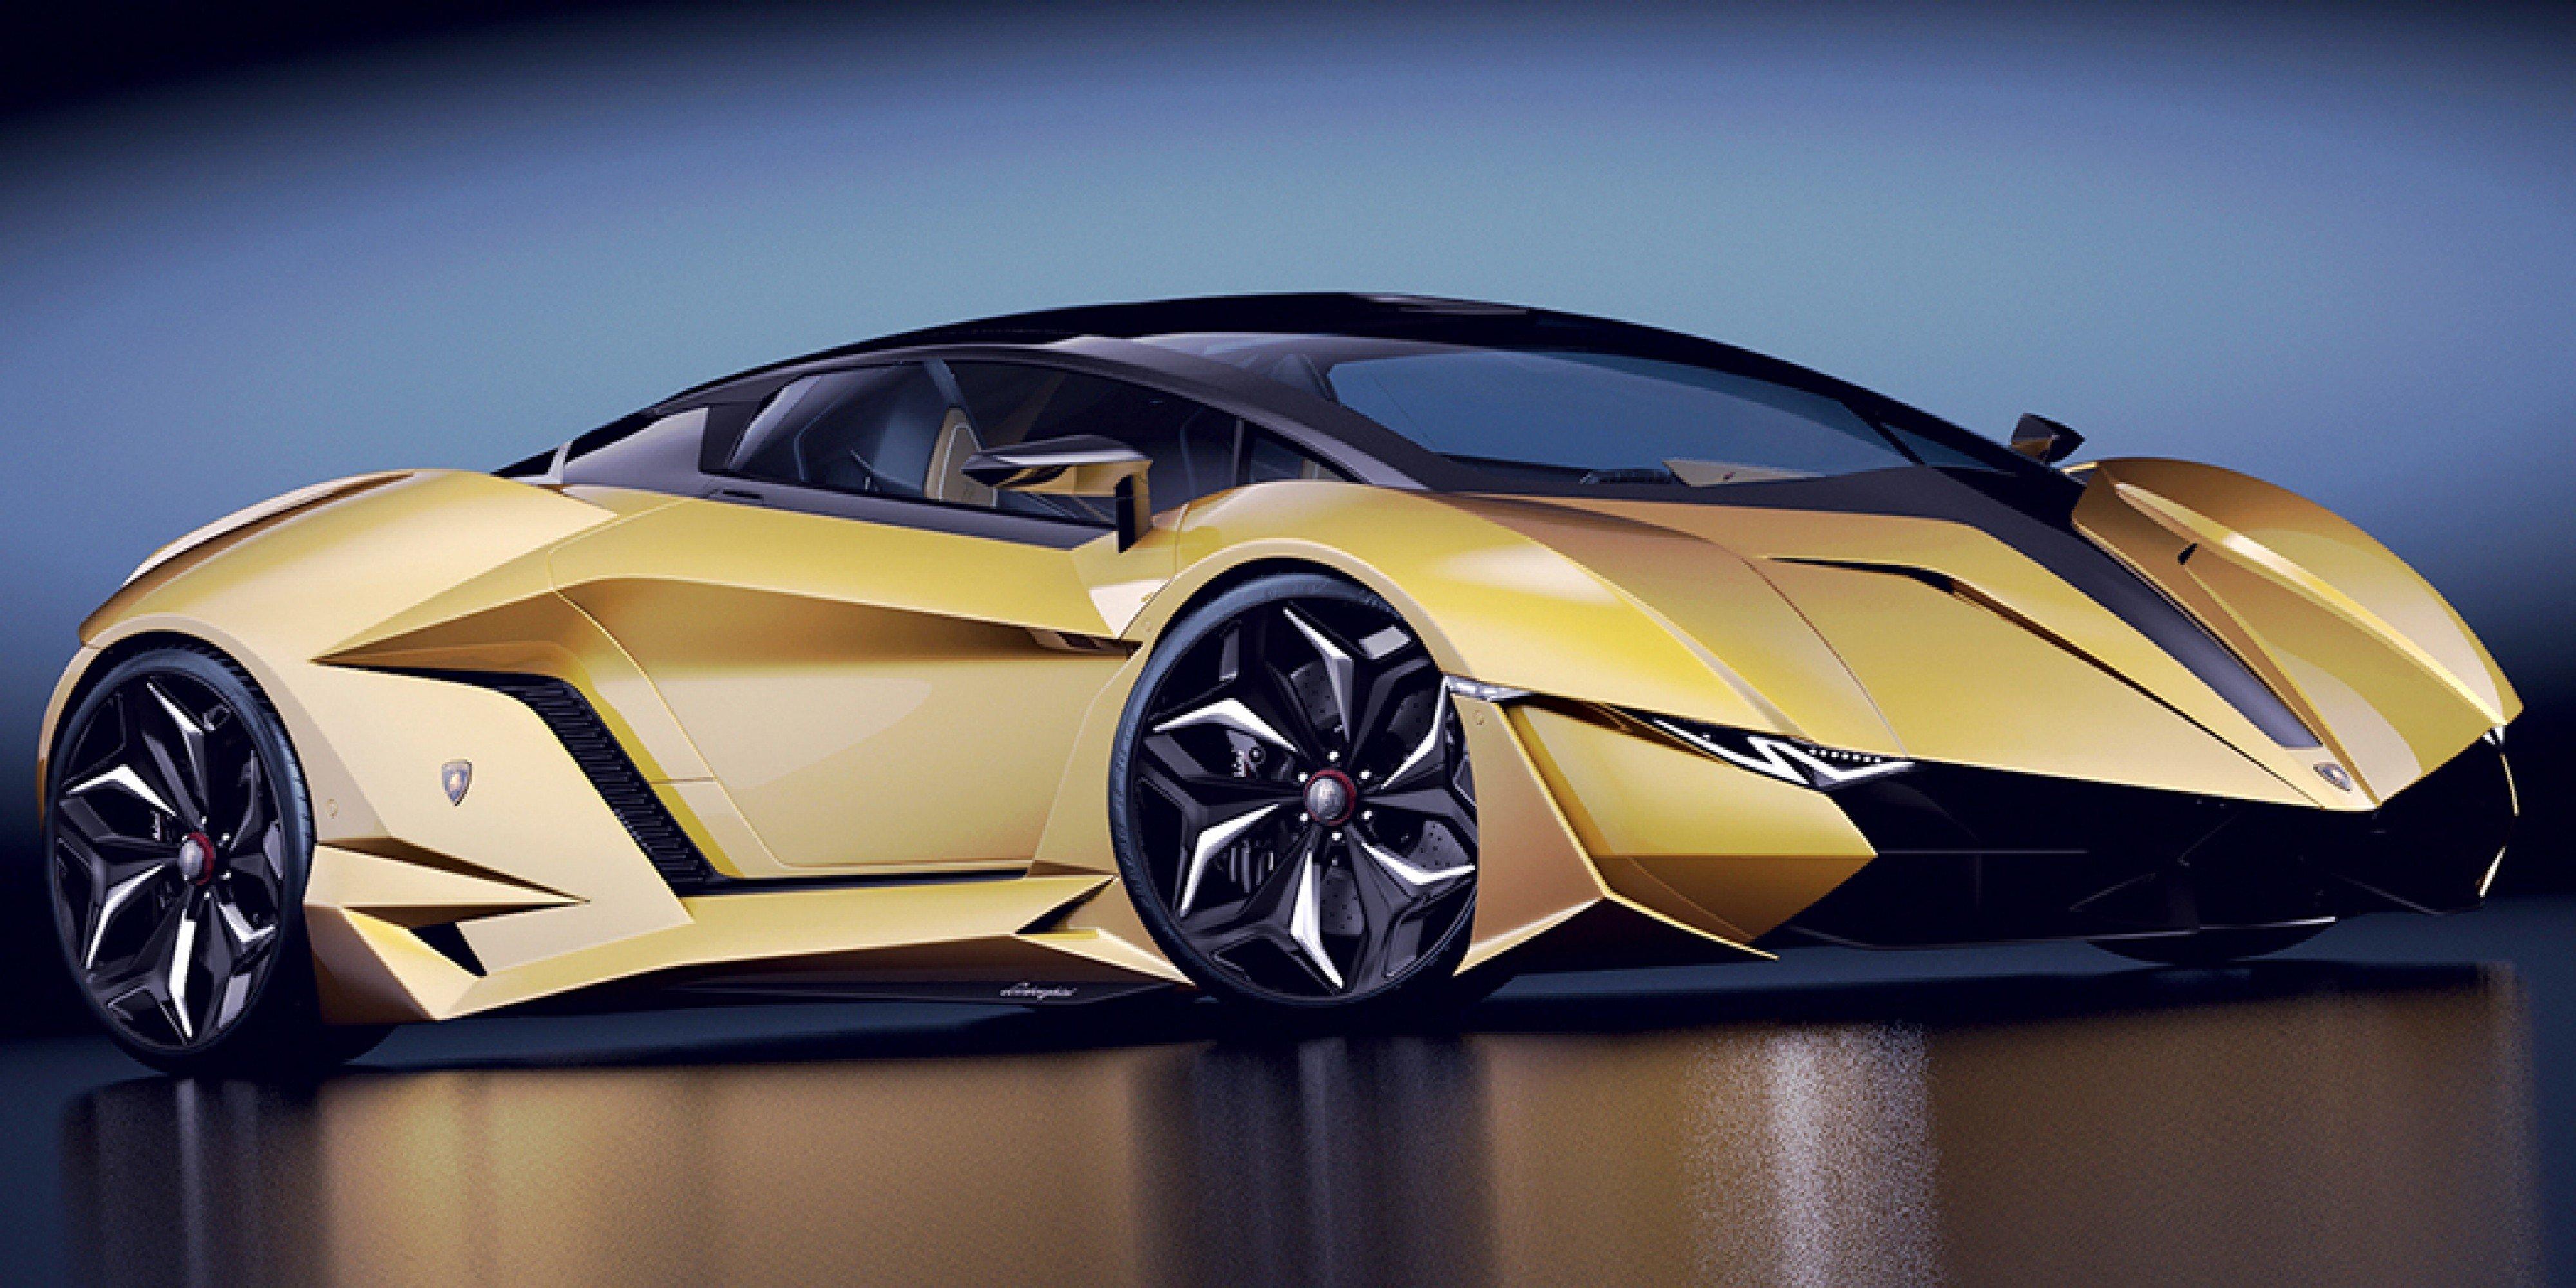 2014 car Concept Lambo...